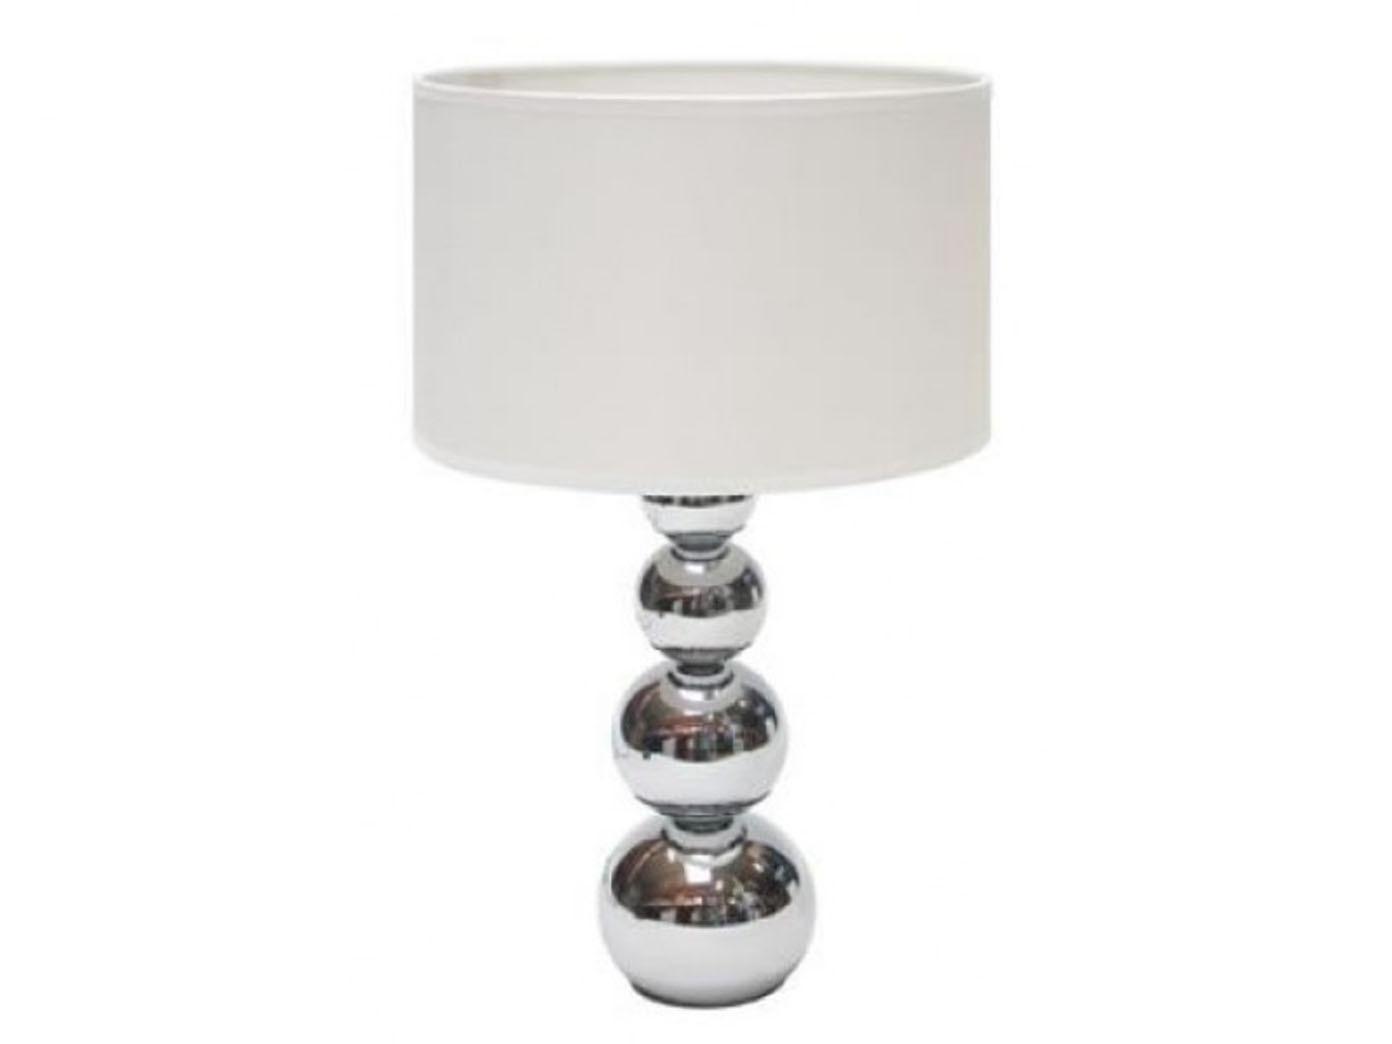 Tischleuchte mit Touchfunktion Chrom Schirm weiß Tischlampe Touchlampe